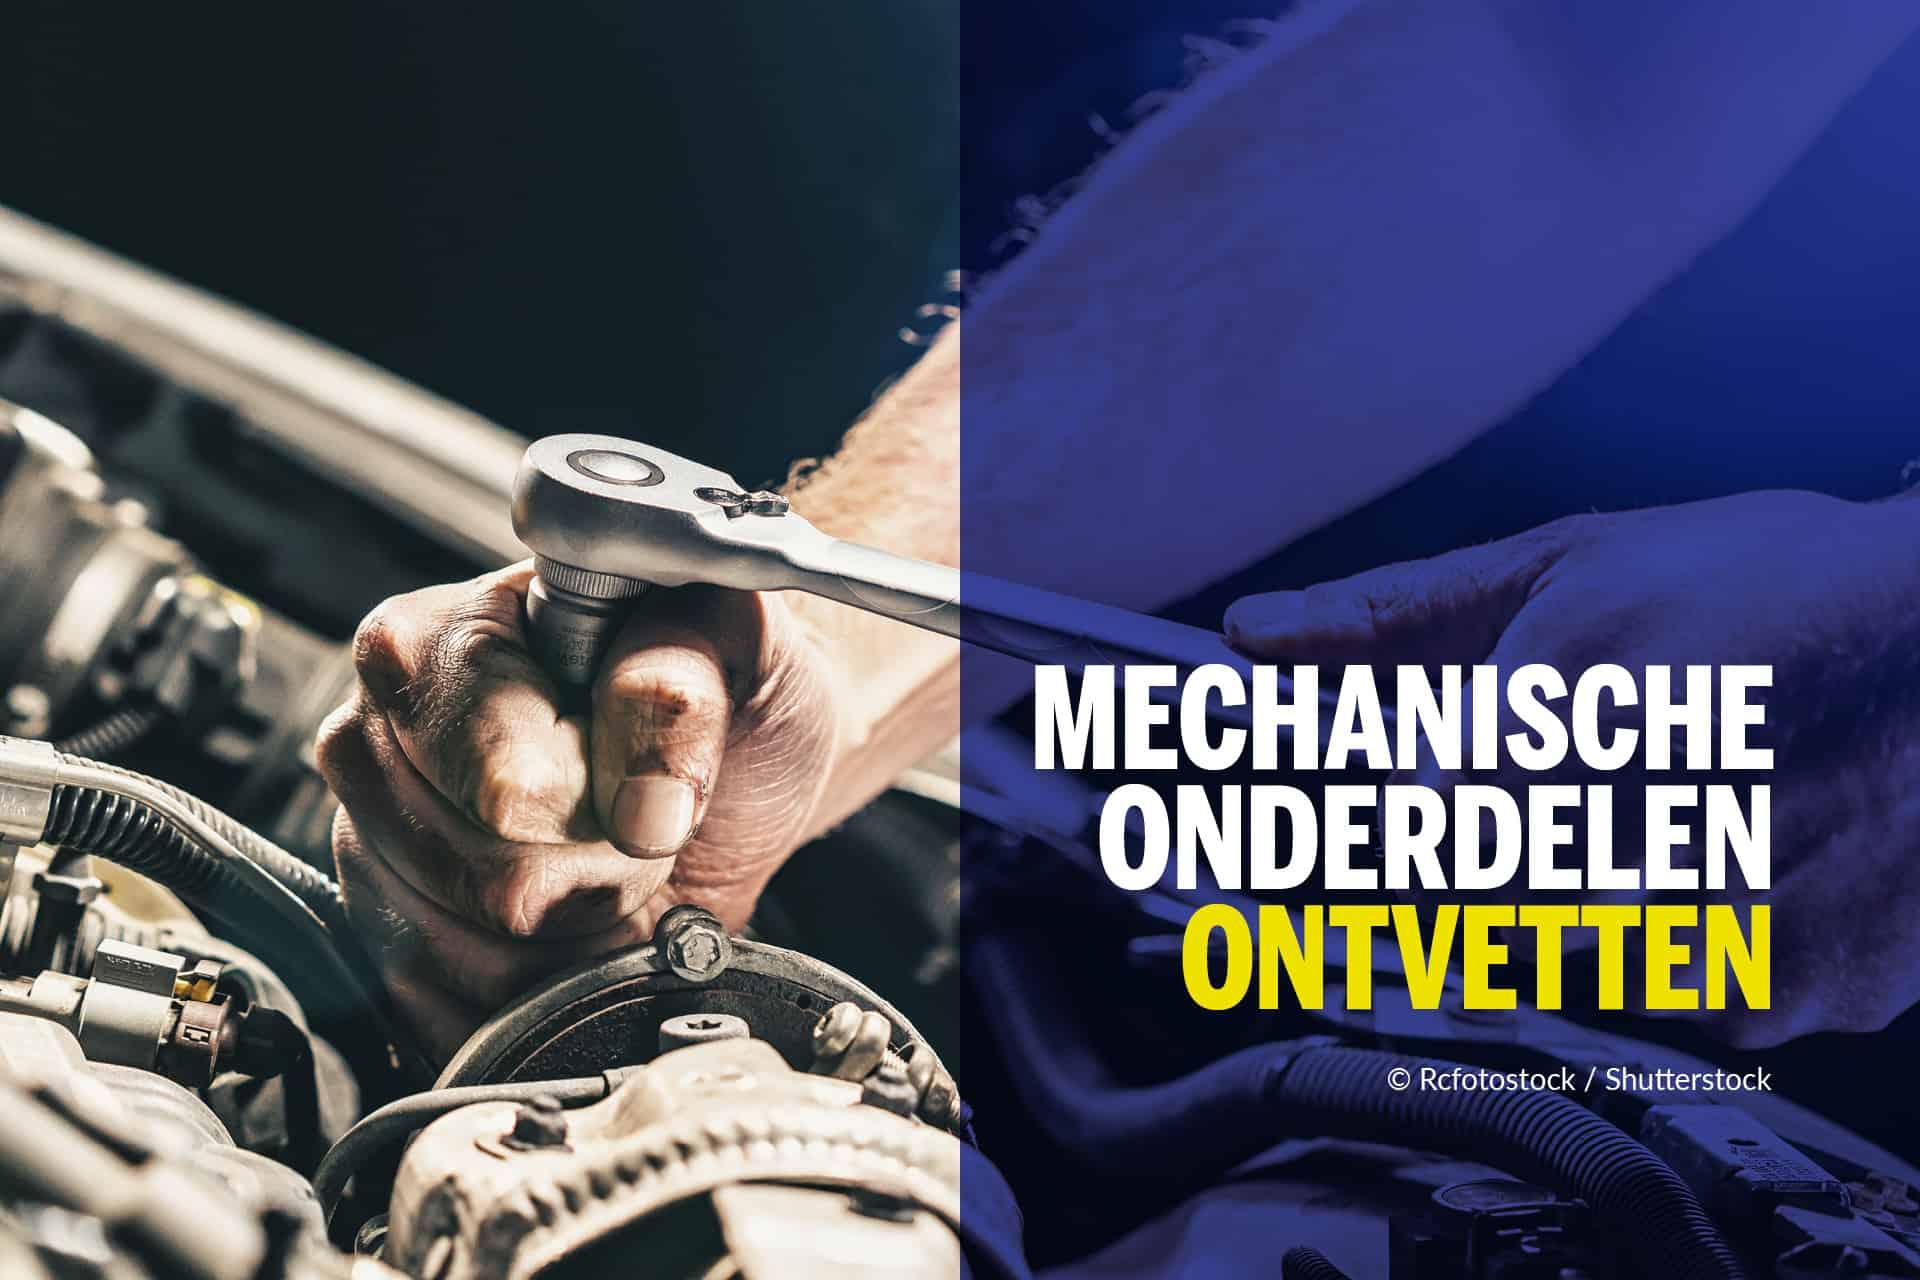 Mechanische onderdelen ontvetten